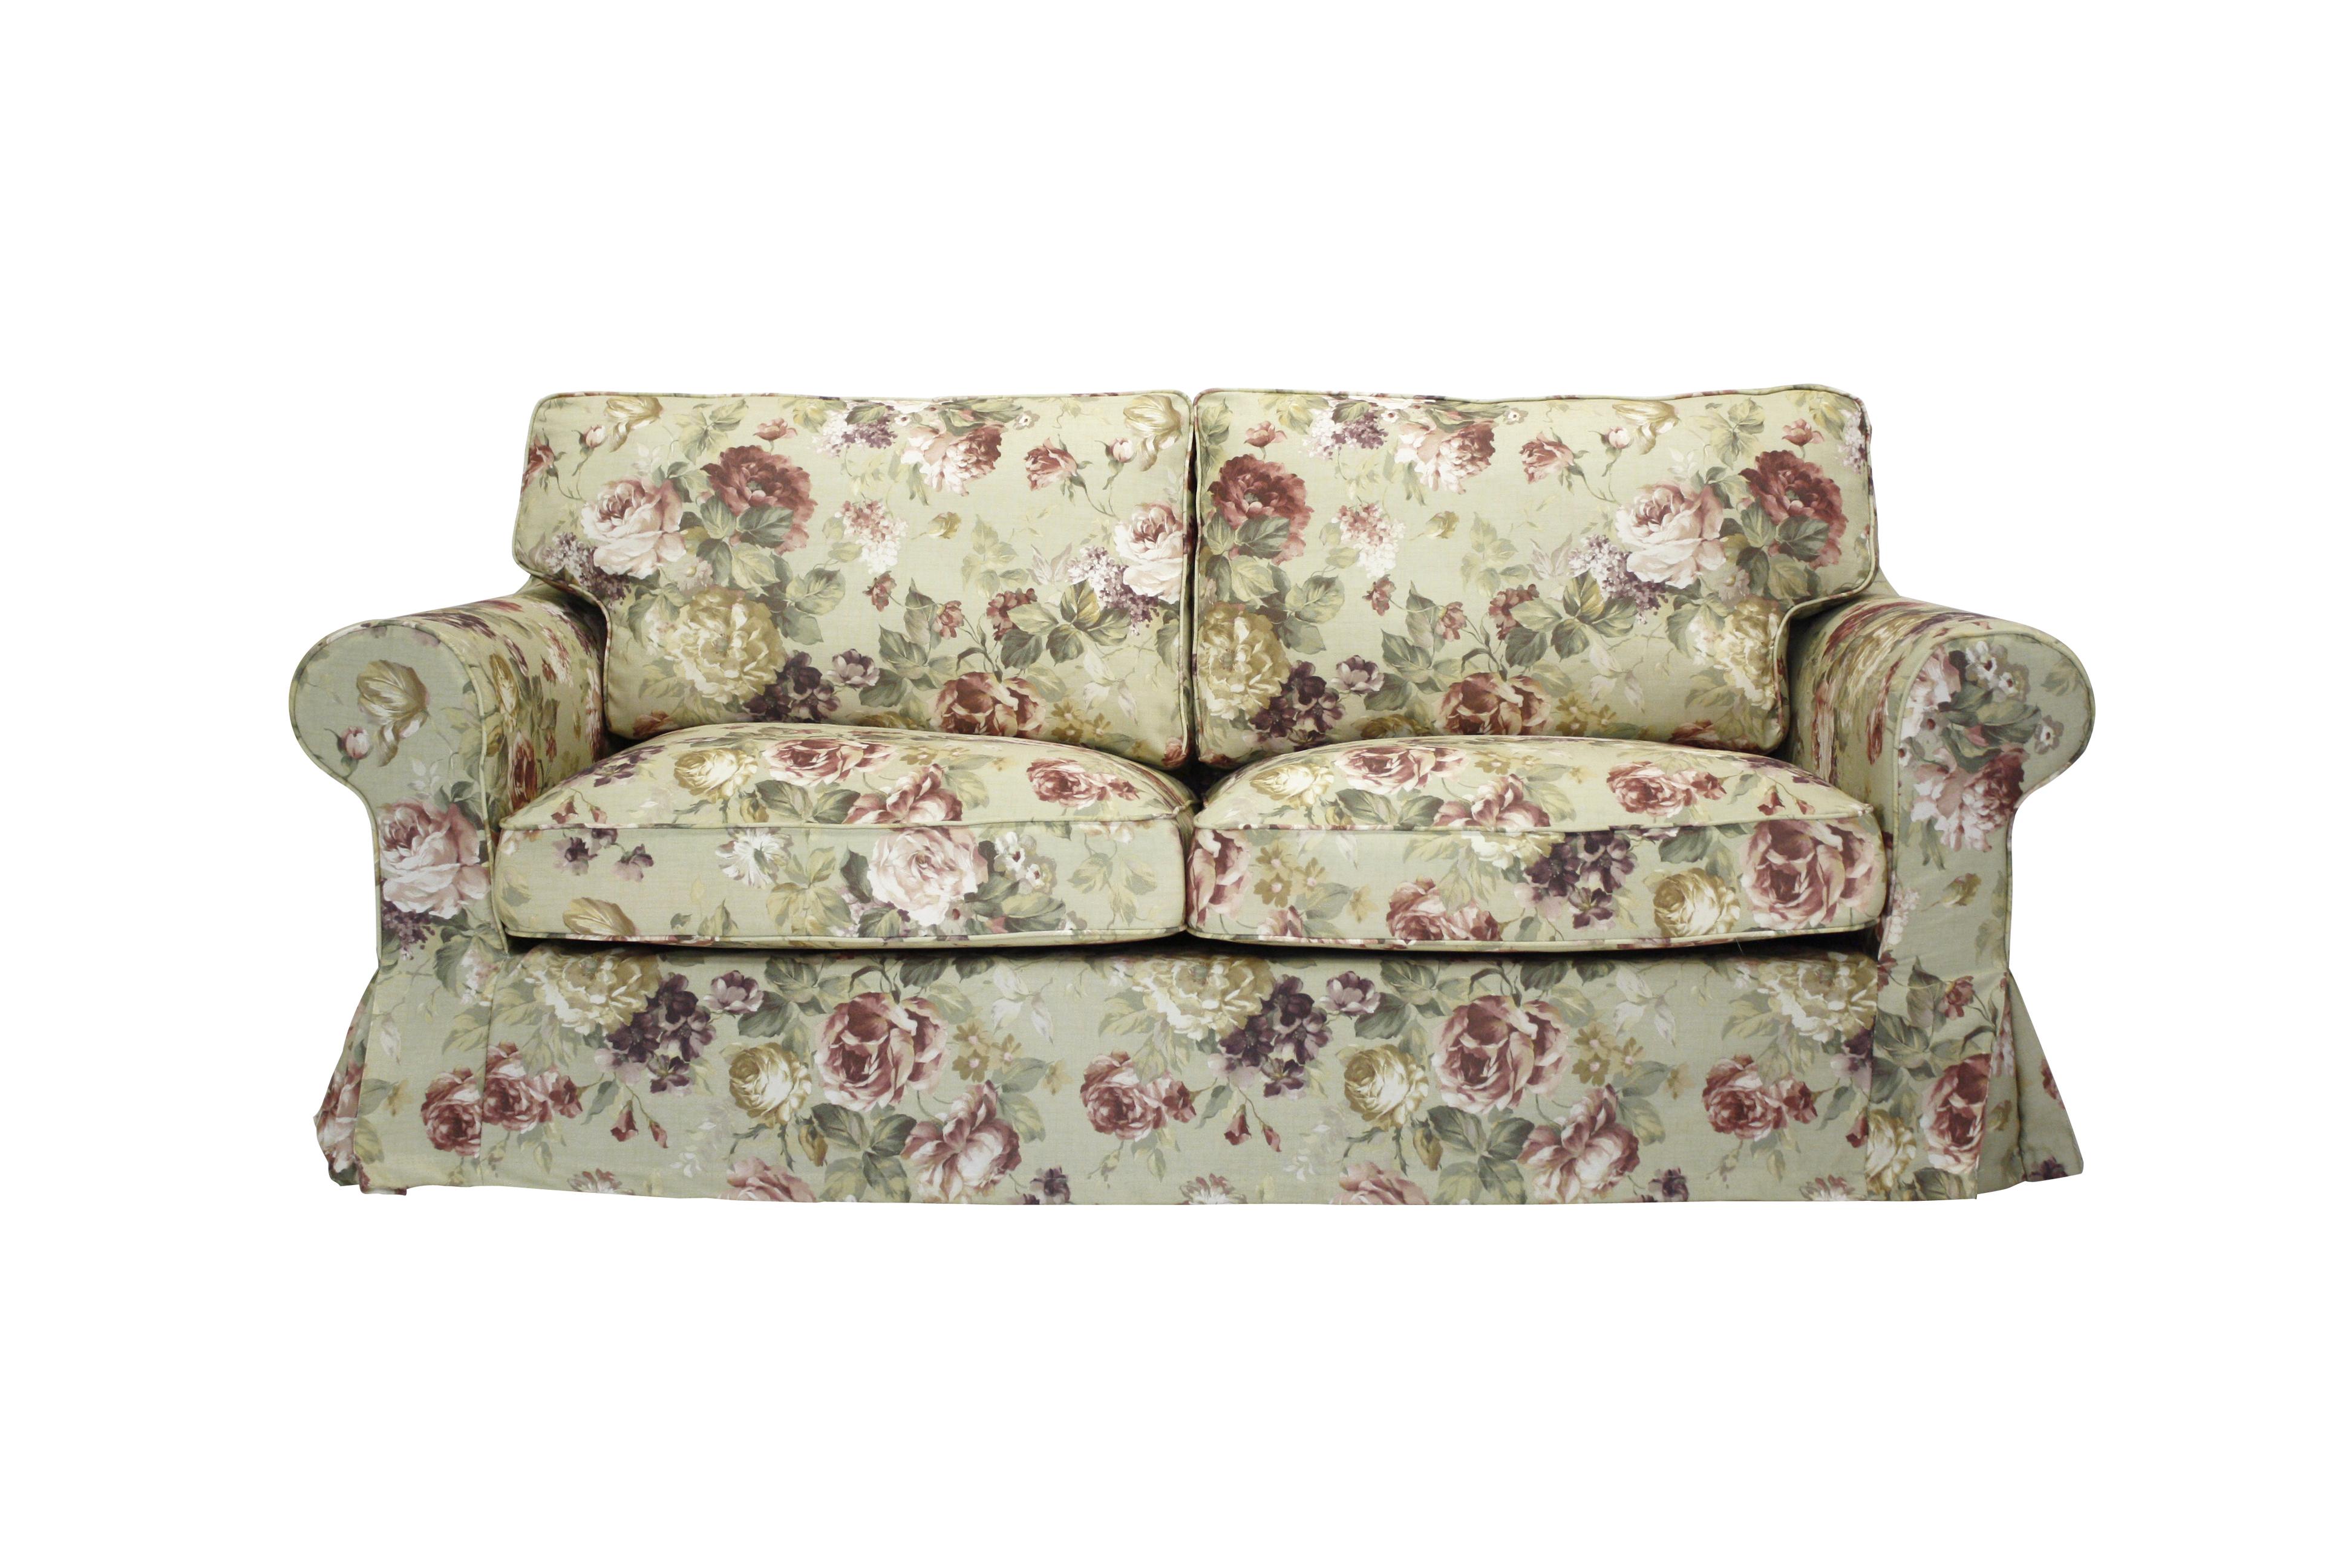 Диван ПровансДвухместные диваны<br>&amp;lt;div&amp;gt;Любите во всем проявлять свою индивидуальность? &amp;quot;Прованс&amp;quot; - &amp;amp;nbsp;отличная возможность это доказать. Благодаря классической форме, вы можете выбрать обивку абсолютно любой фактуры и расцветки, и при этом диван будет выглядеть стильно и свежо. Подушки выполнены из экологичного материала, в котором не заводится пылевой клещ и грибок. Спите спокойно!&amp;lt;/div&amp;gt;&amp;lt;div&amp;gt;&amp;lt;br&amp;gt;&amp;lt;/div&amp;gt;&amp;lt;div&amp;gt;&amp;lt;span style=&amp;quot;font-size: 14px;&amp;quot;&amp;gt;Изделие можно заказать в любой ткани, стоимость и срок изготовления уточняйте у менеджера.&amp;lt;/span&amp;gt;&amp;lt;br&amp;gt;&amp;lt;/div&amp;gt;<br><br>Material: Текстиль<br>Width см: 200<br>Depth см: 93<br>Height см: 75